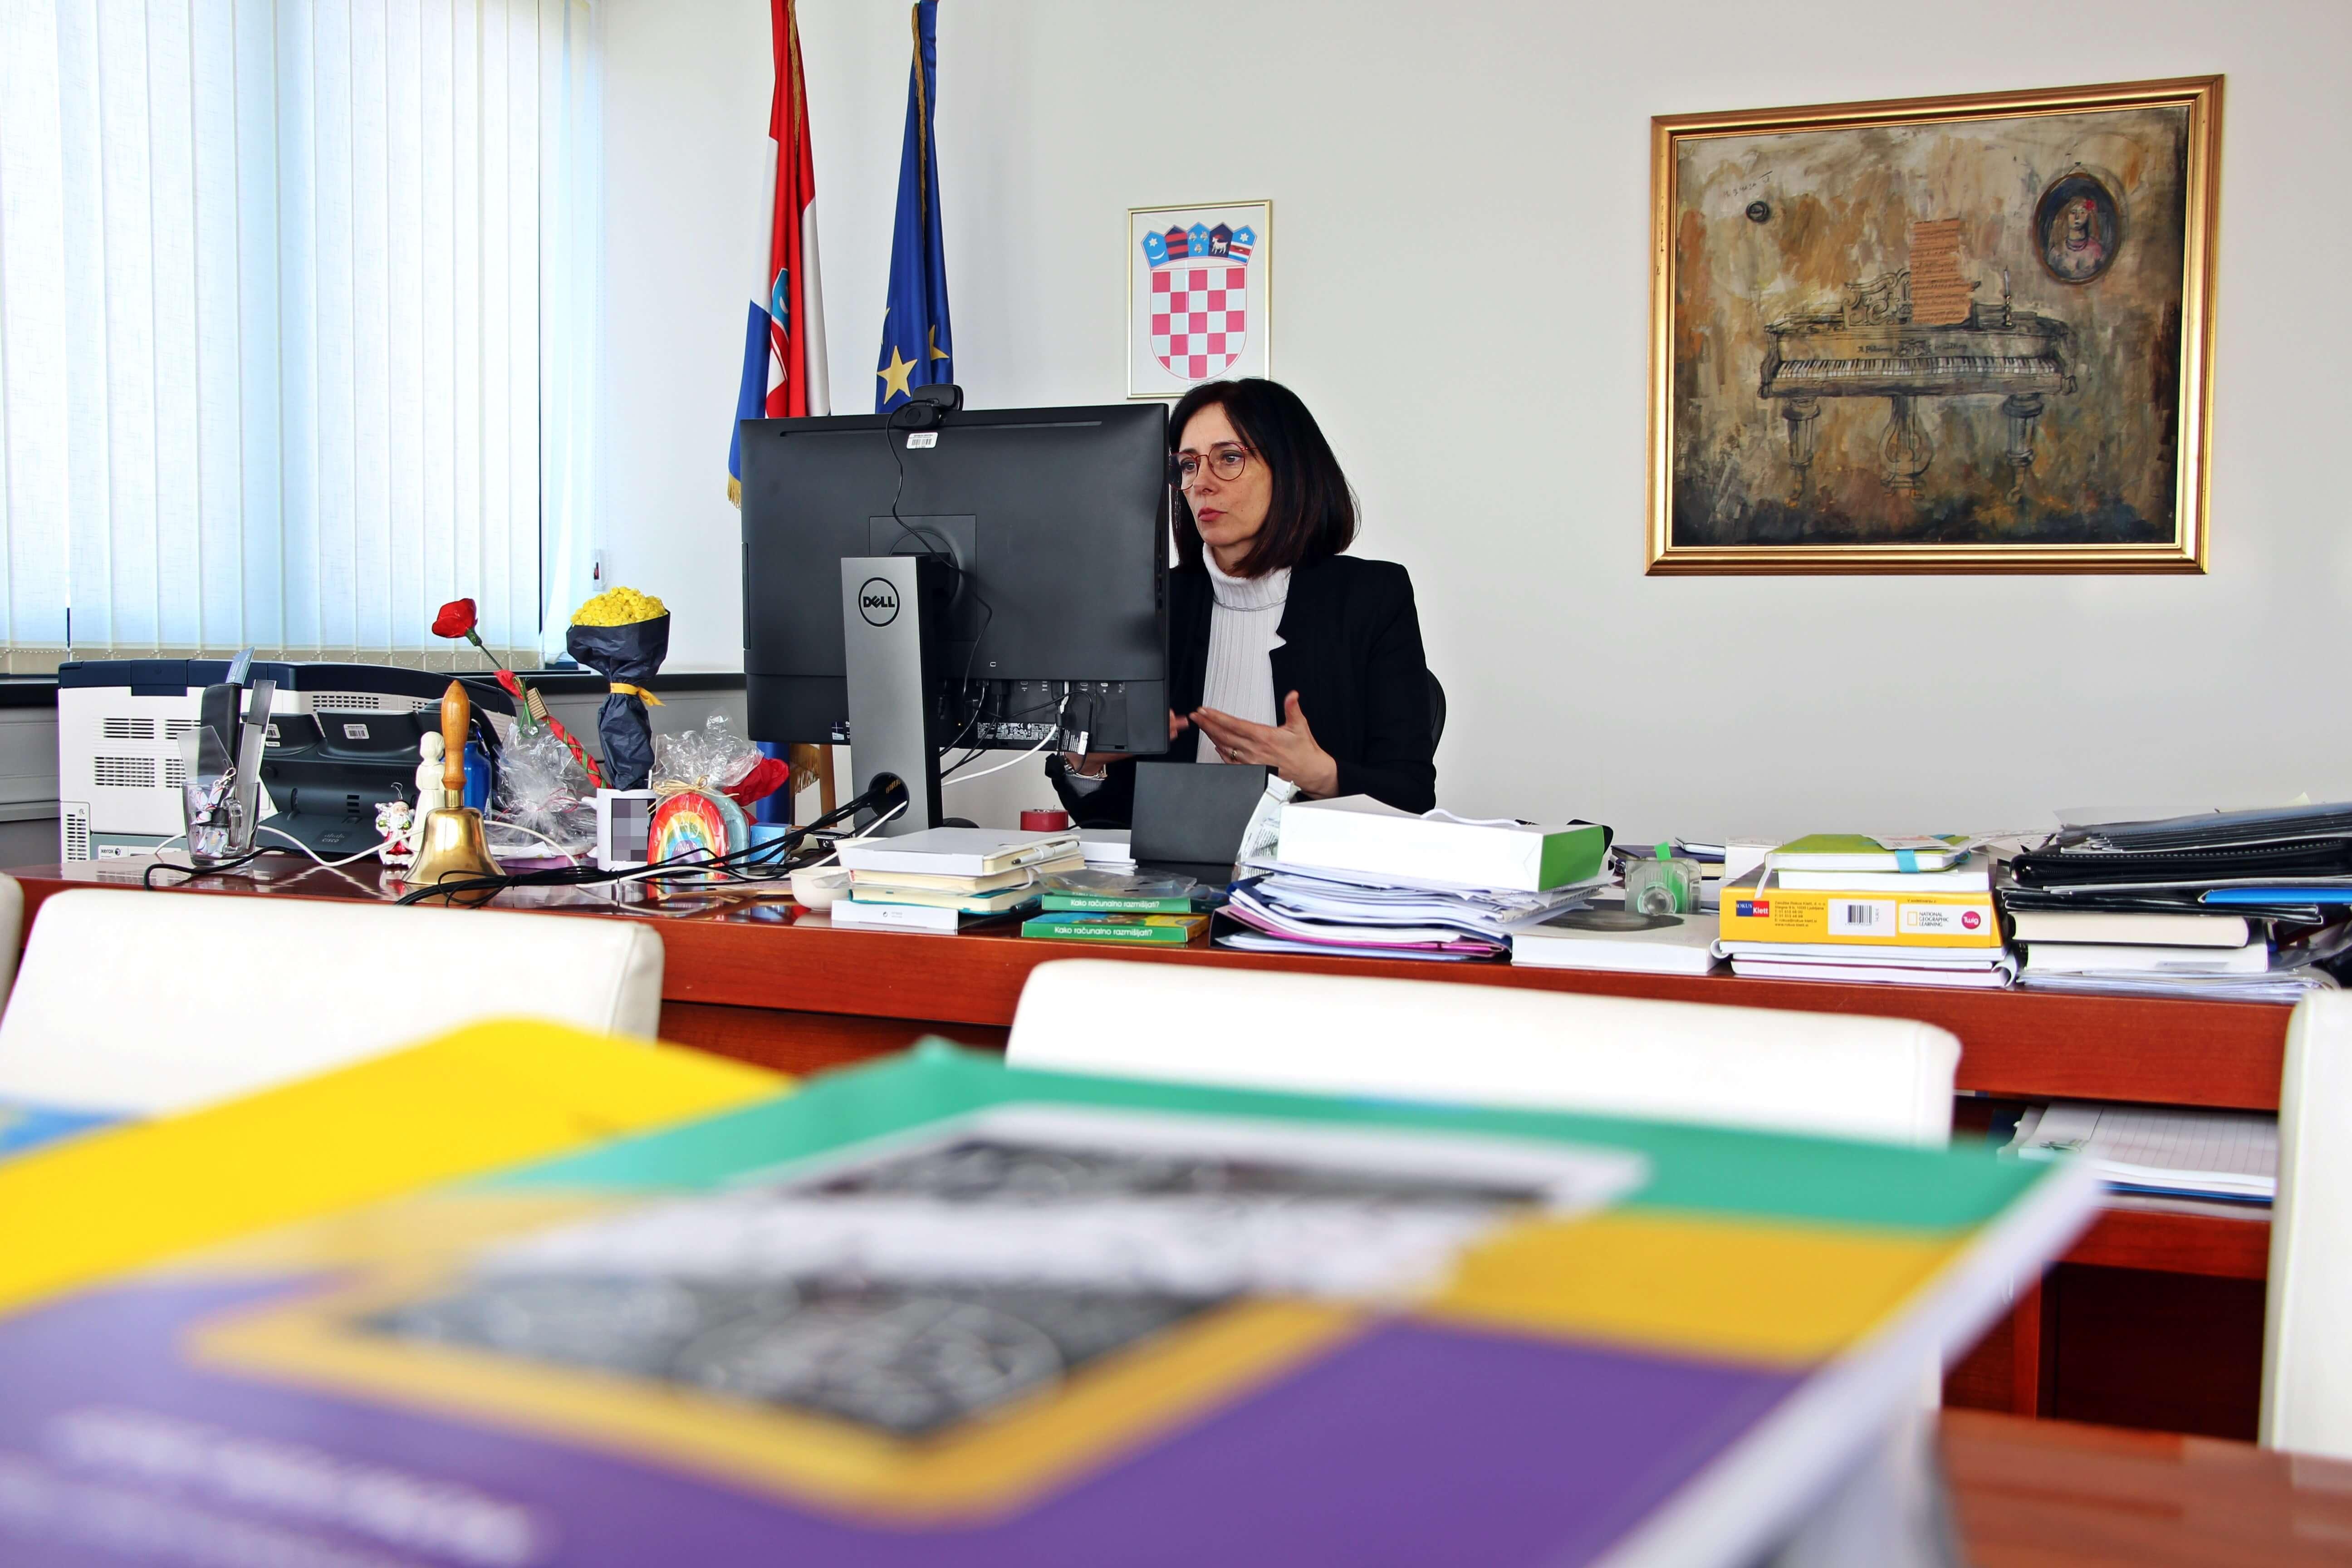 Europska komisija komentirala obrazovanje u Hrvatskoj: Izvješće se svidjelo ministrici Divjak